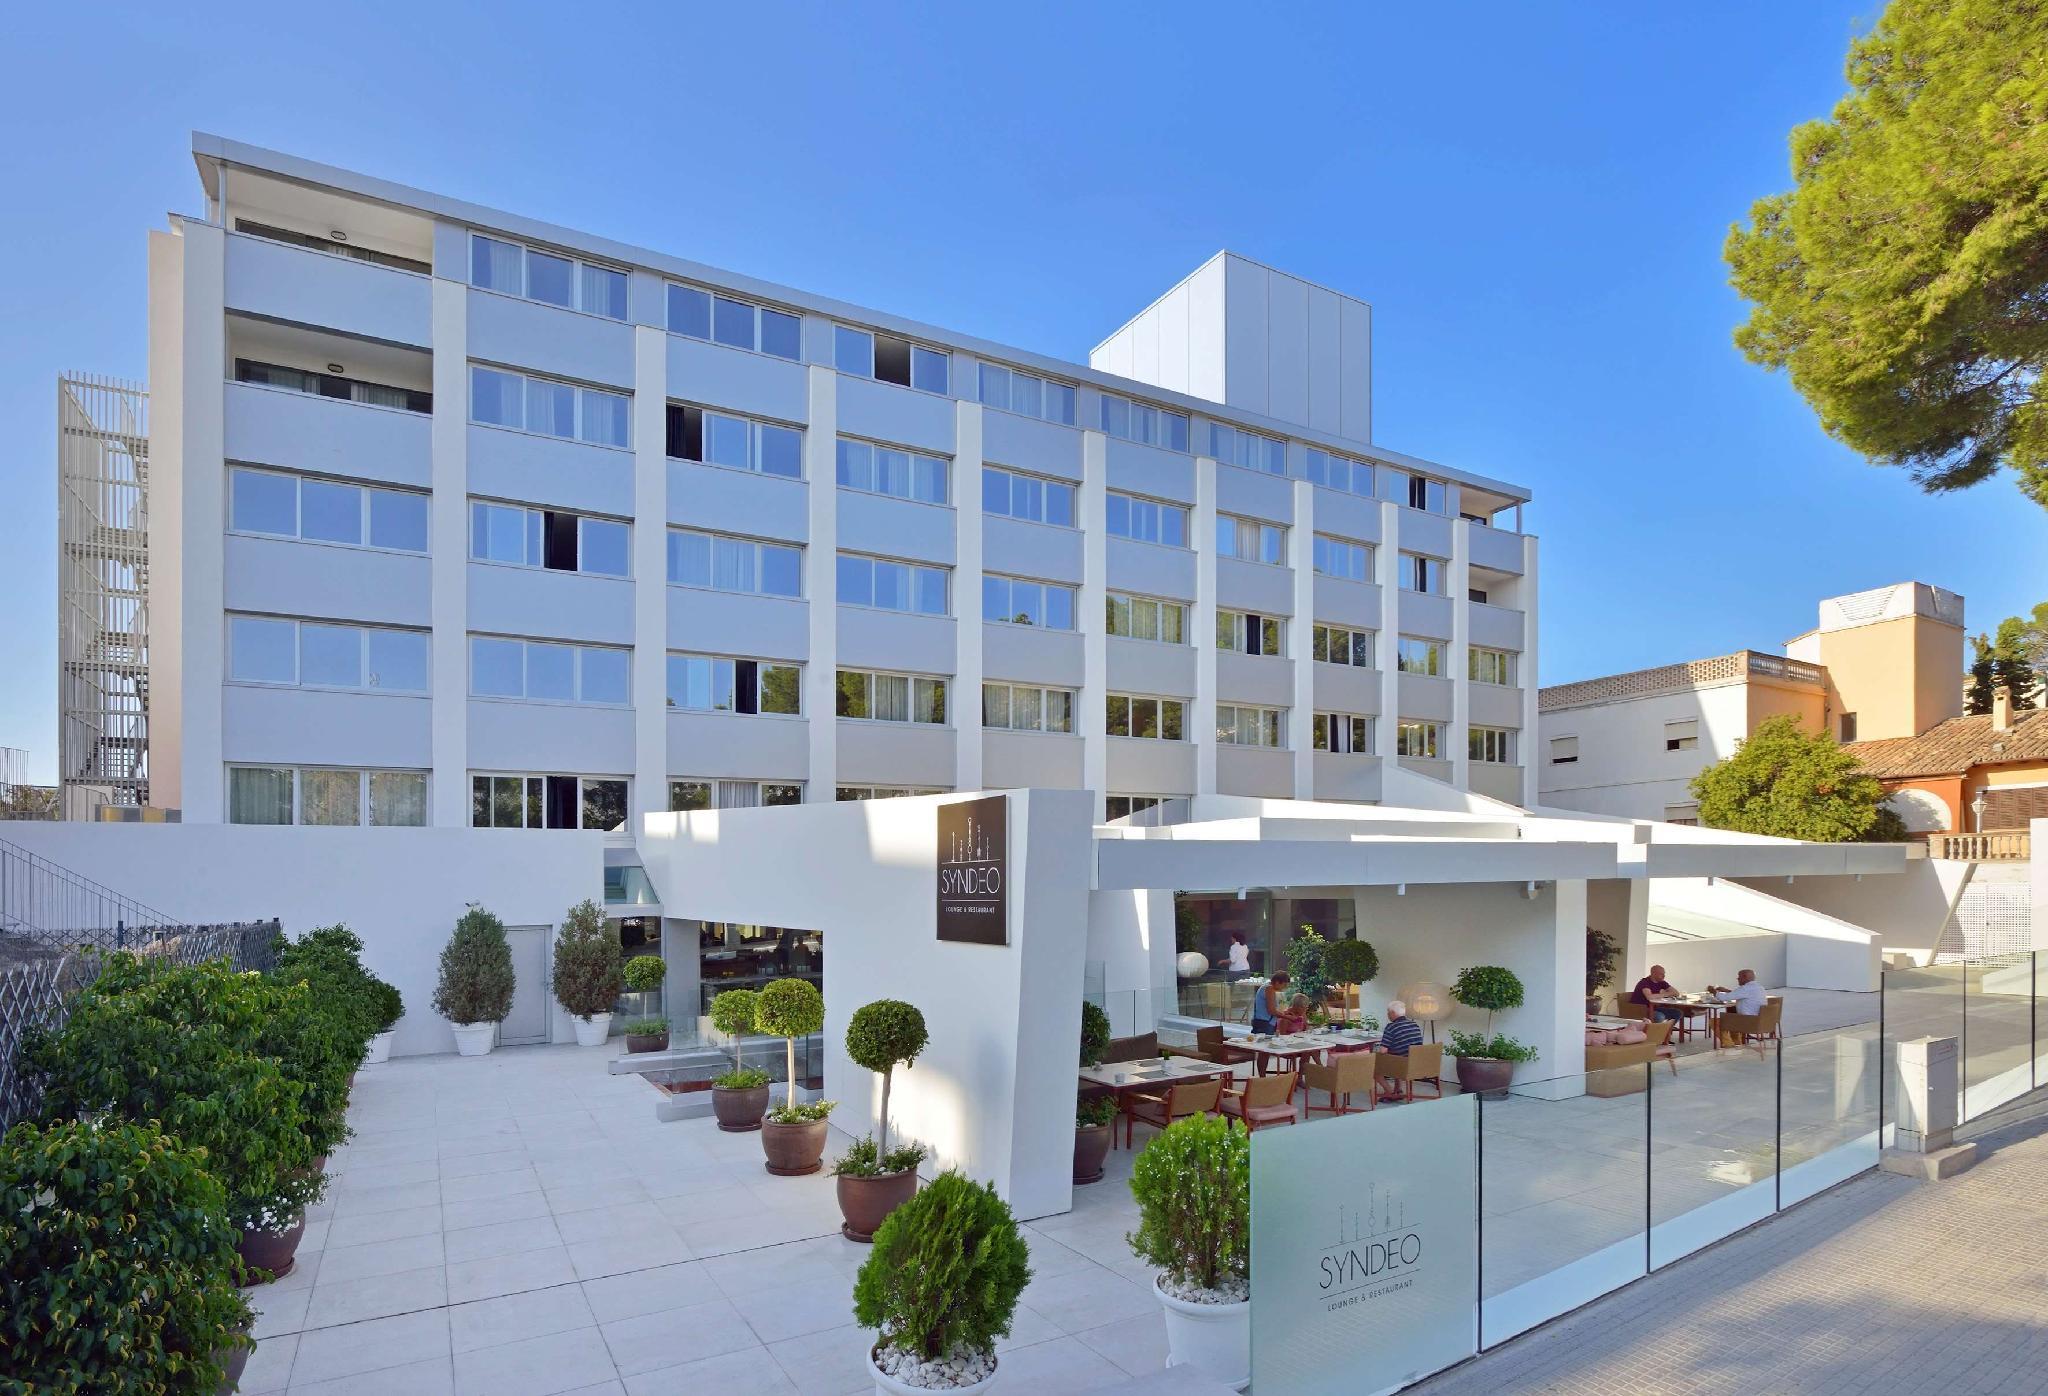 INNSiDE Palma Bosque Hotel